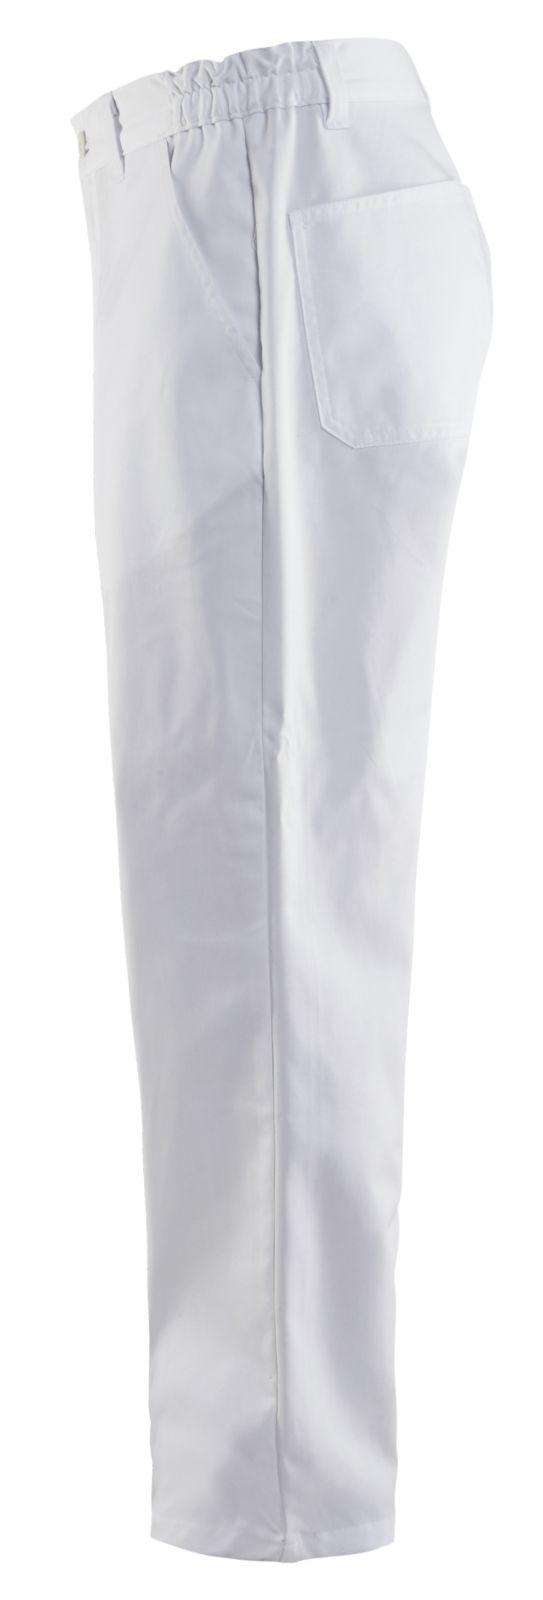 Blaklader Werkbroeken 17251800 wit(1000)